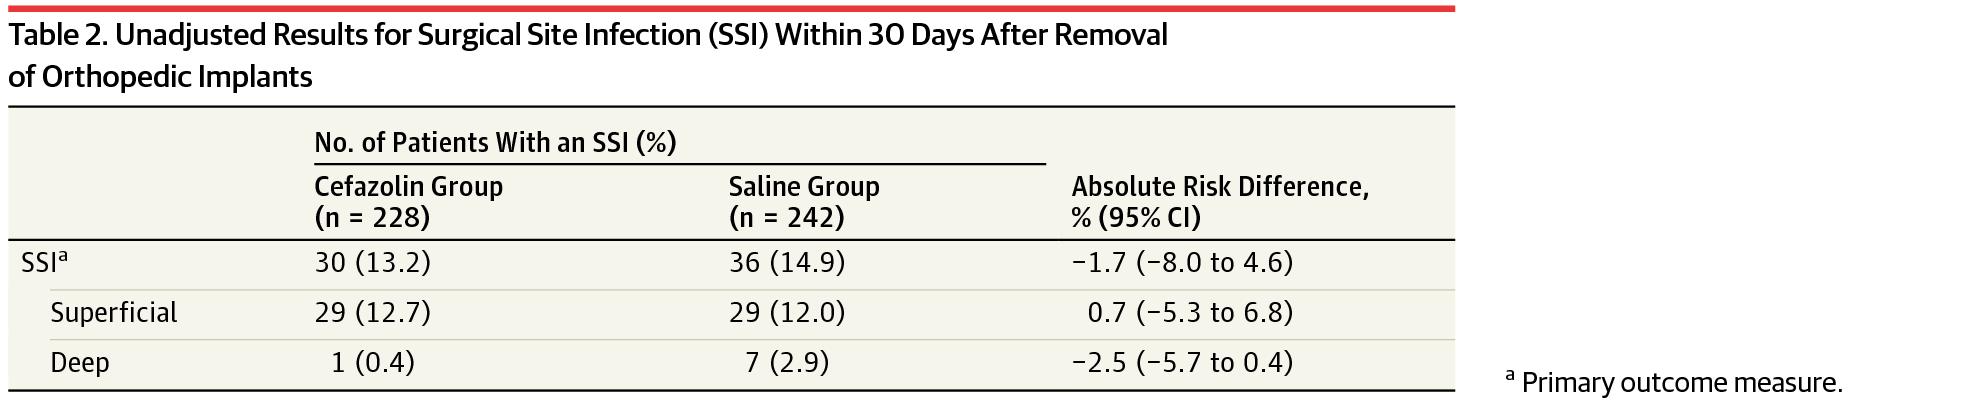 [JAMA最新论文]:预防性抗生素对去除用于治疗足、踝及小腿骨科的骨科植入物后手术部位感染的影响